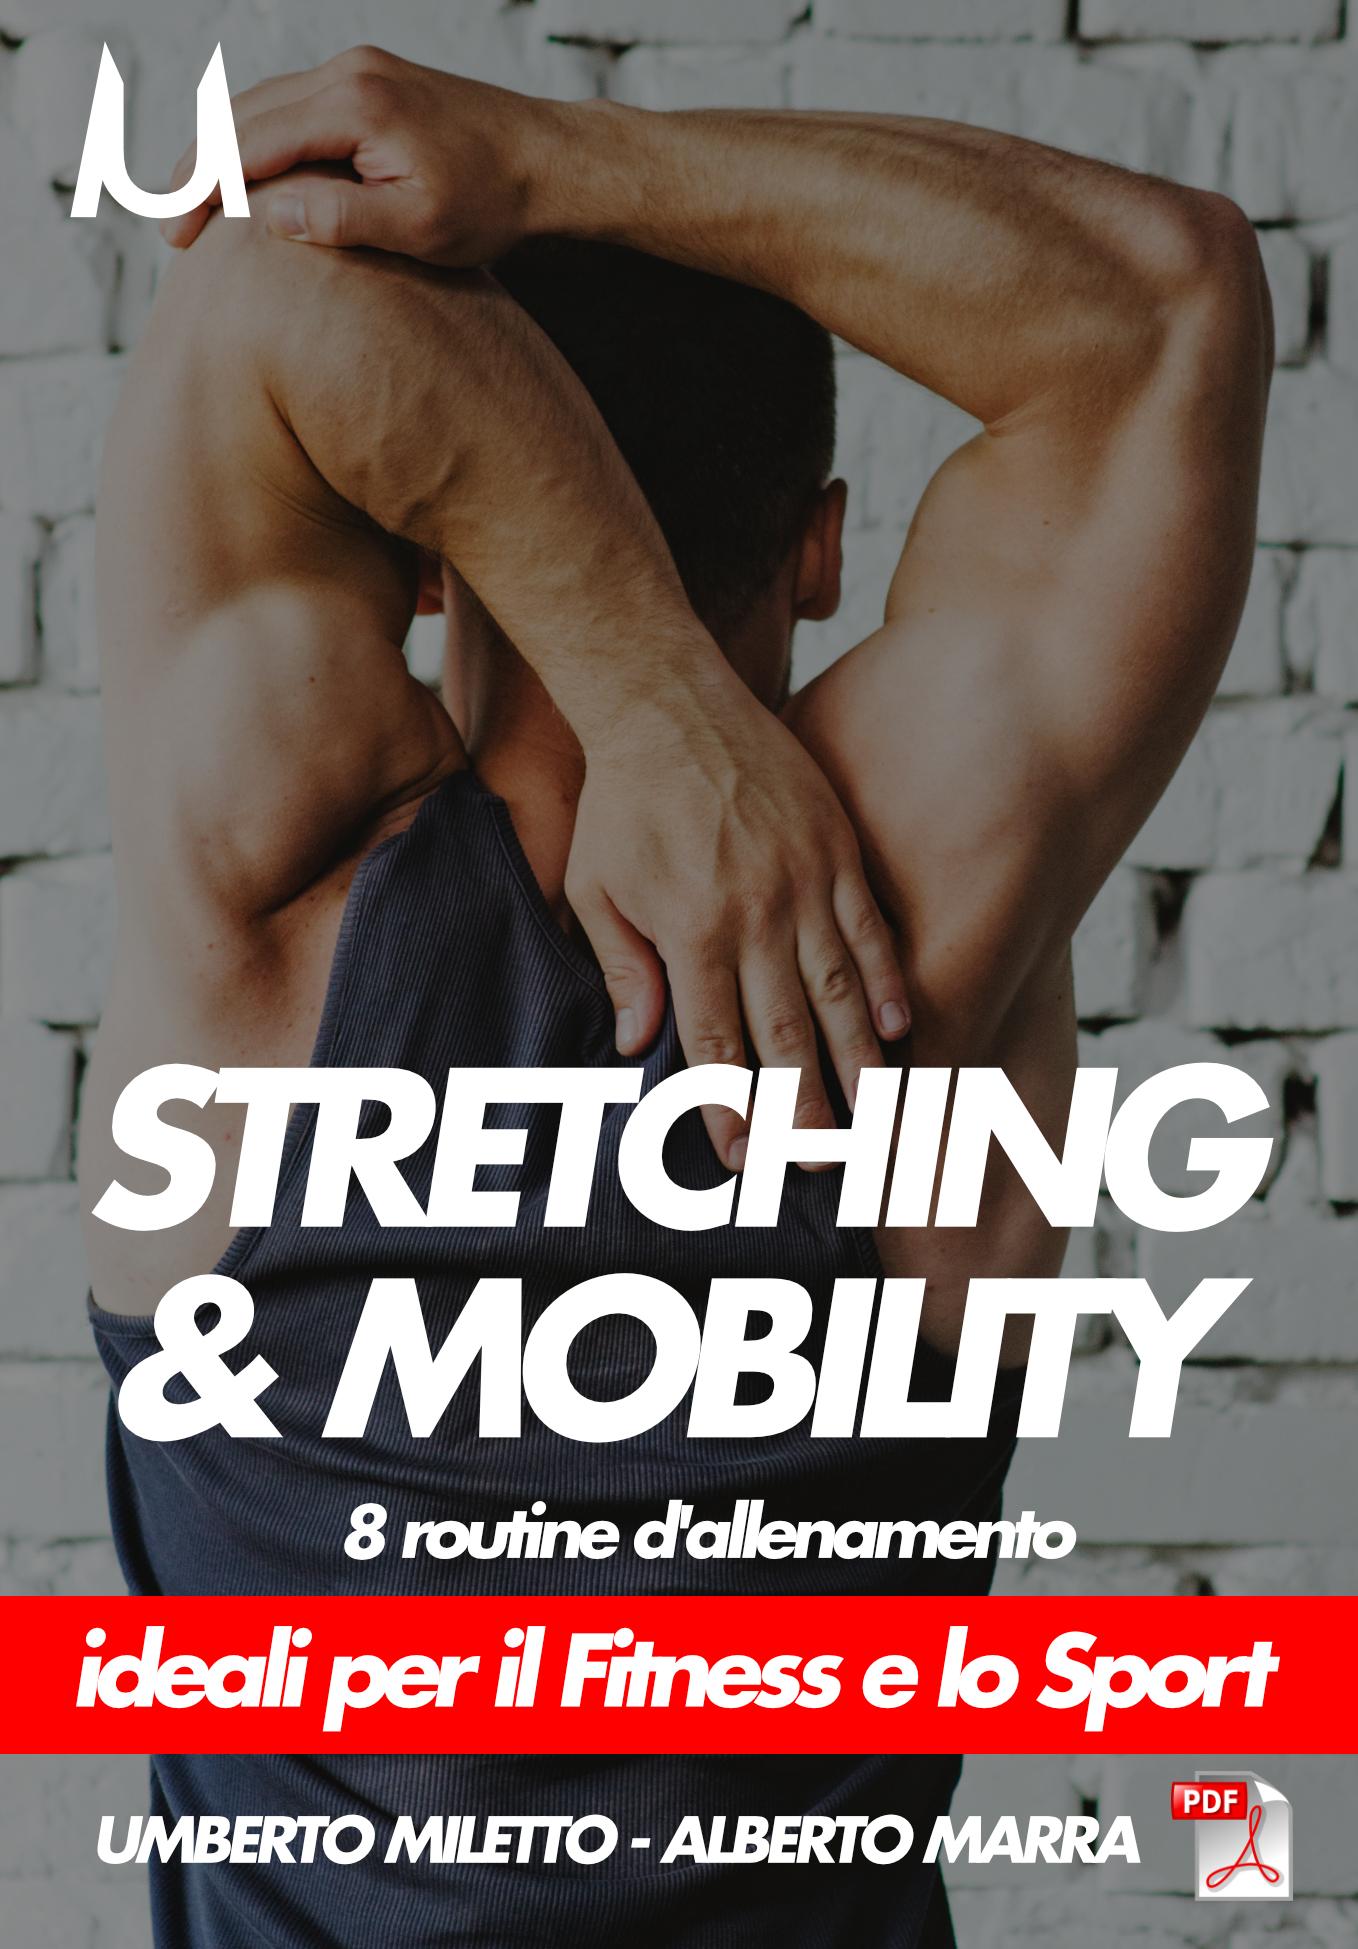 stretching e mobility libro